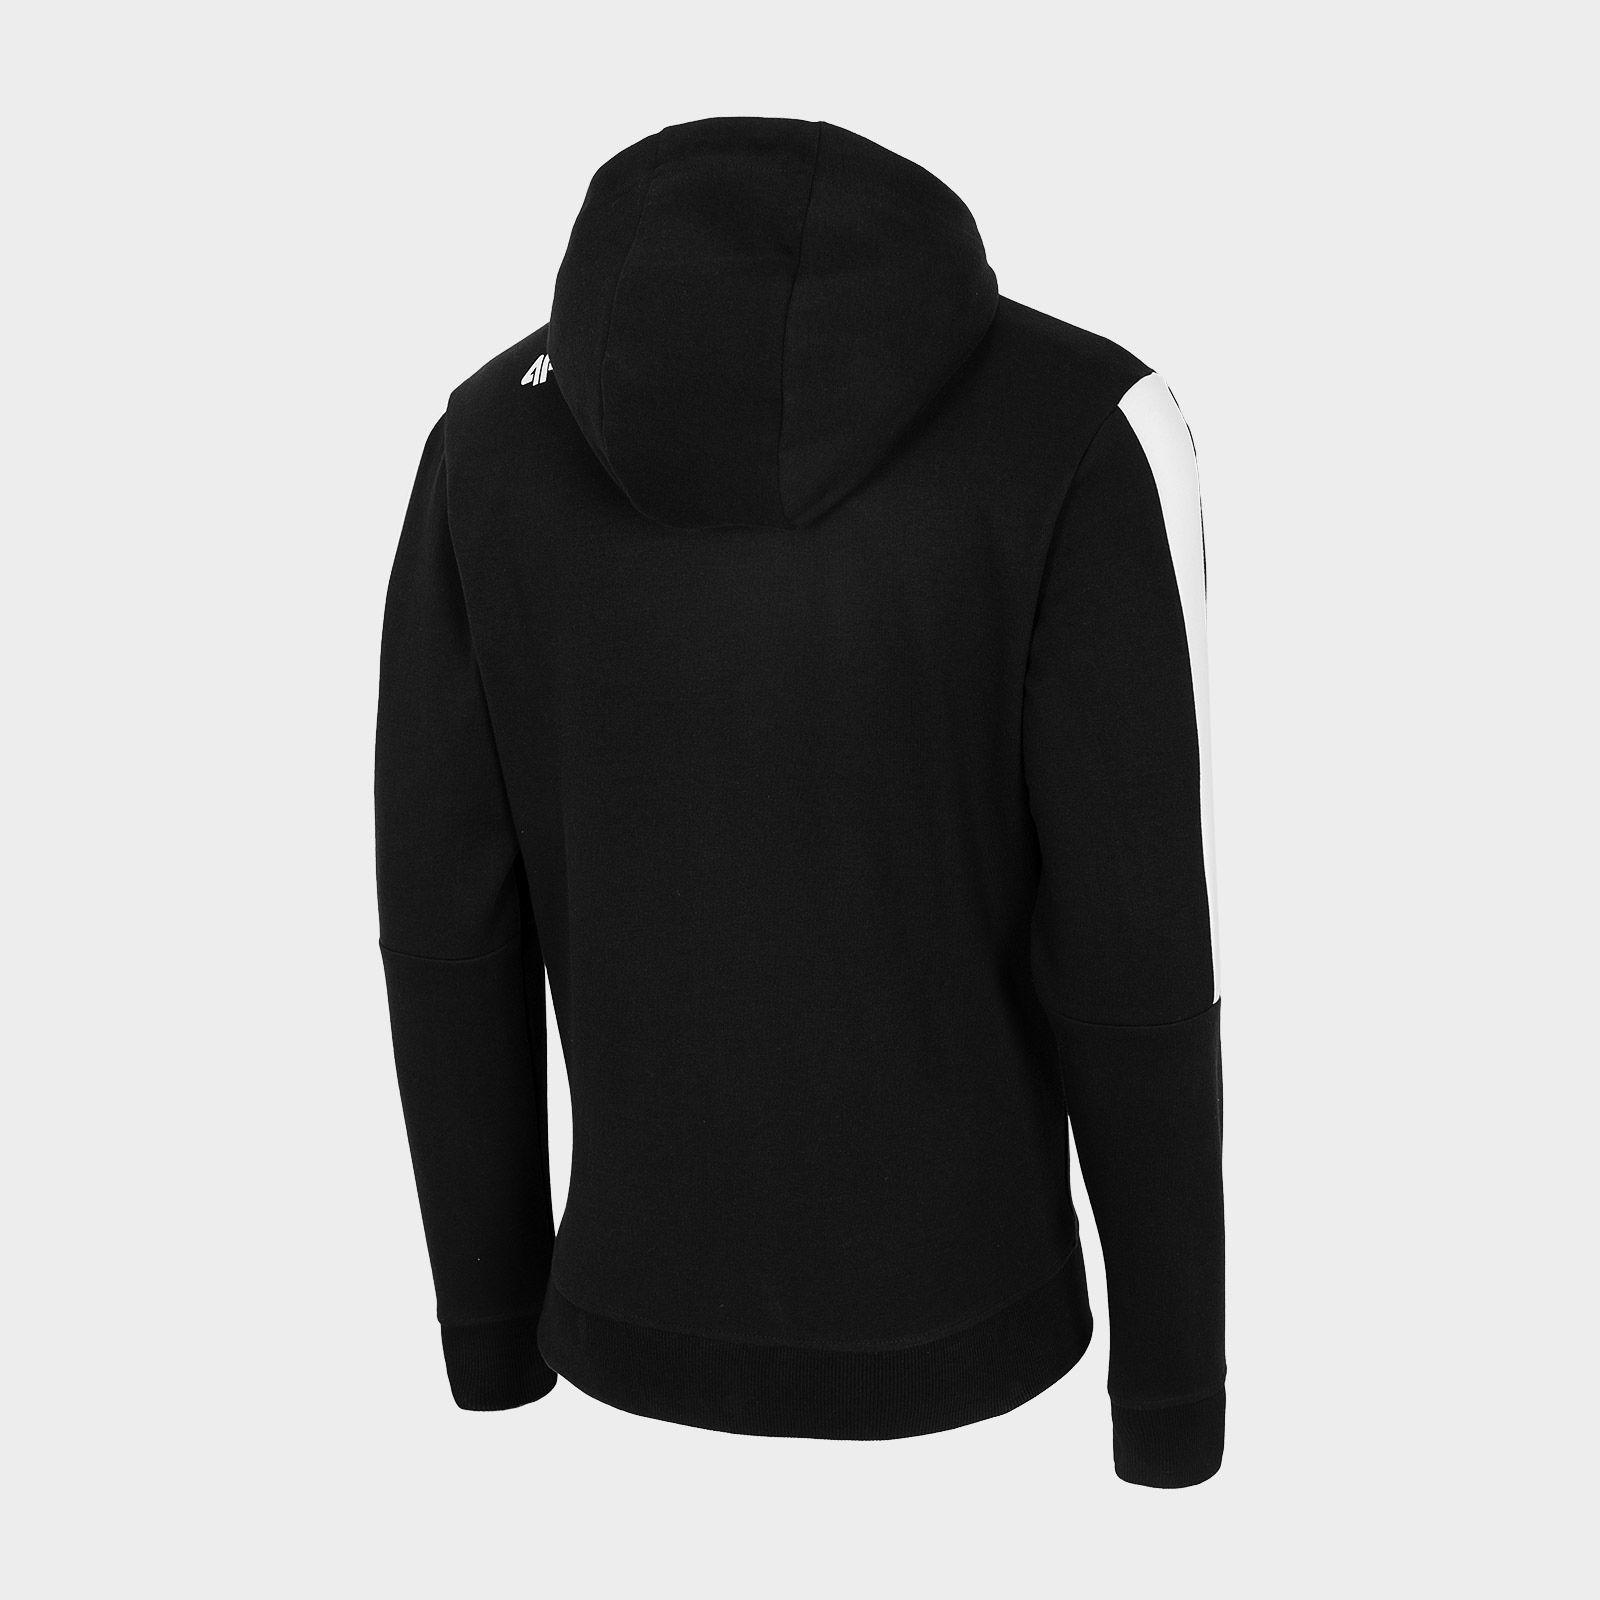 Clothing -  4f Men Hoodie BLM003